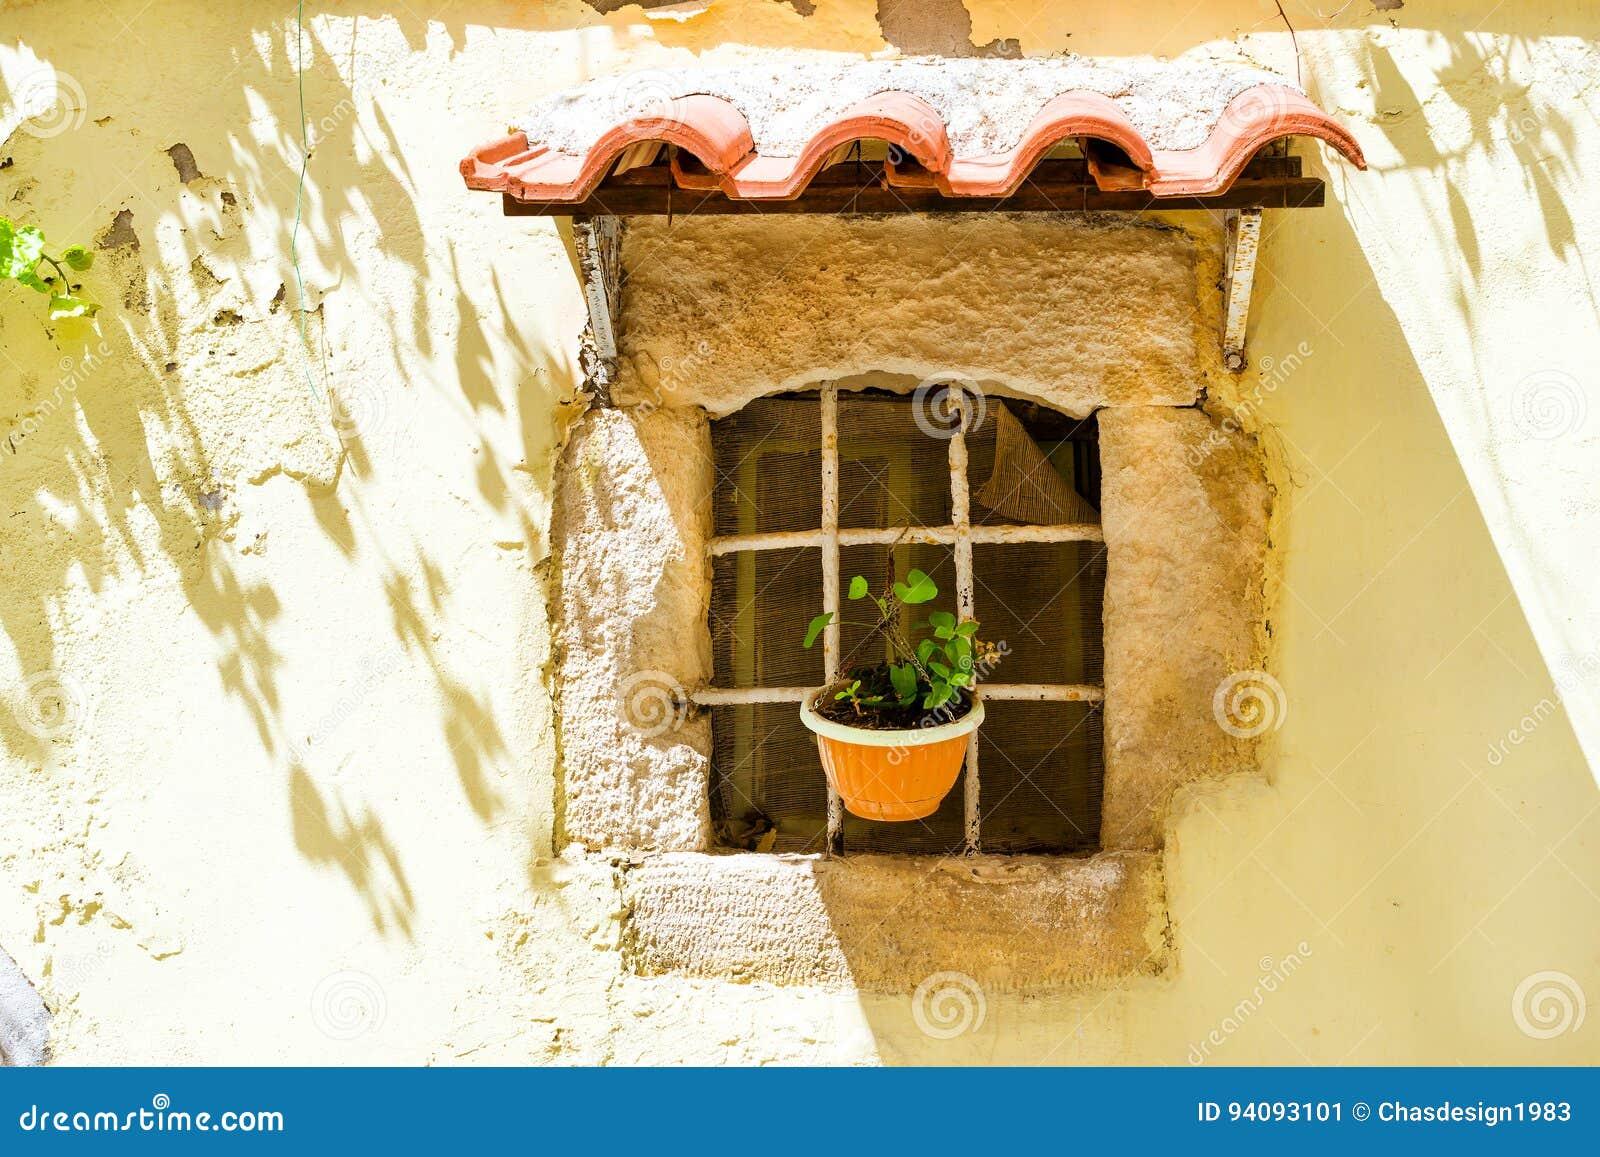 Auvent carrelé au-dessus de fenêtre Rethymno, Crète, Grèce